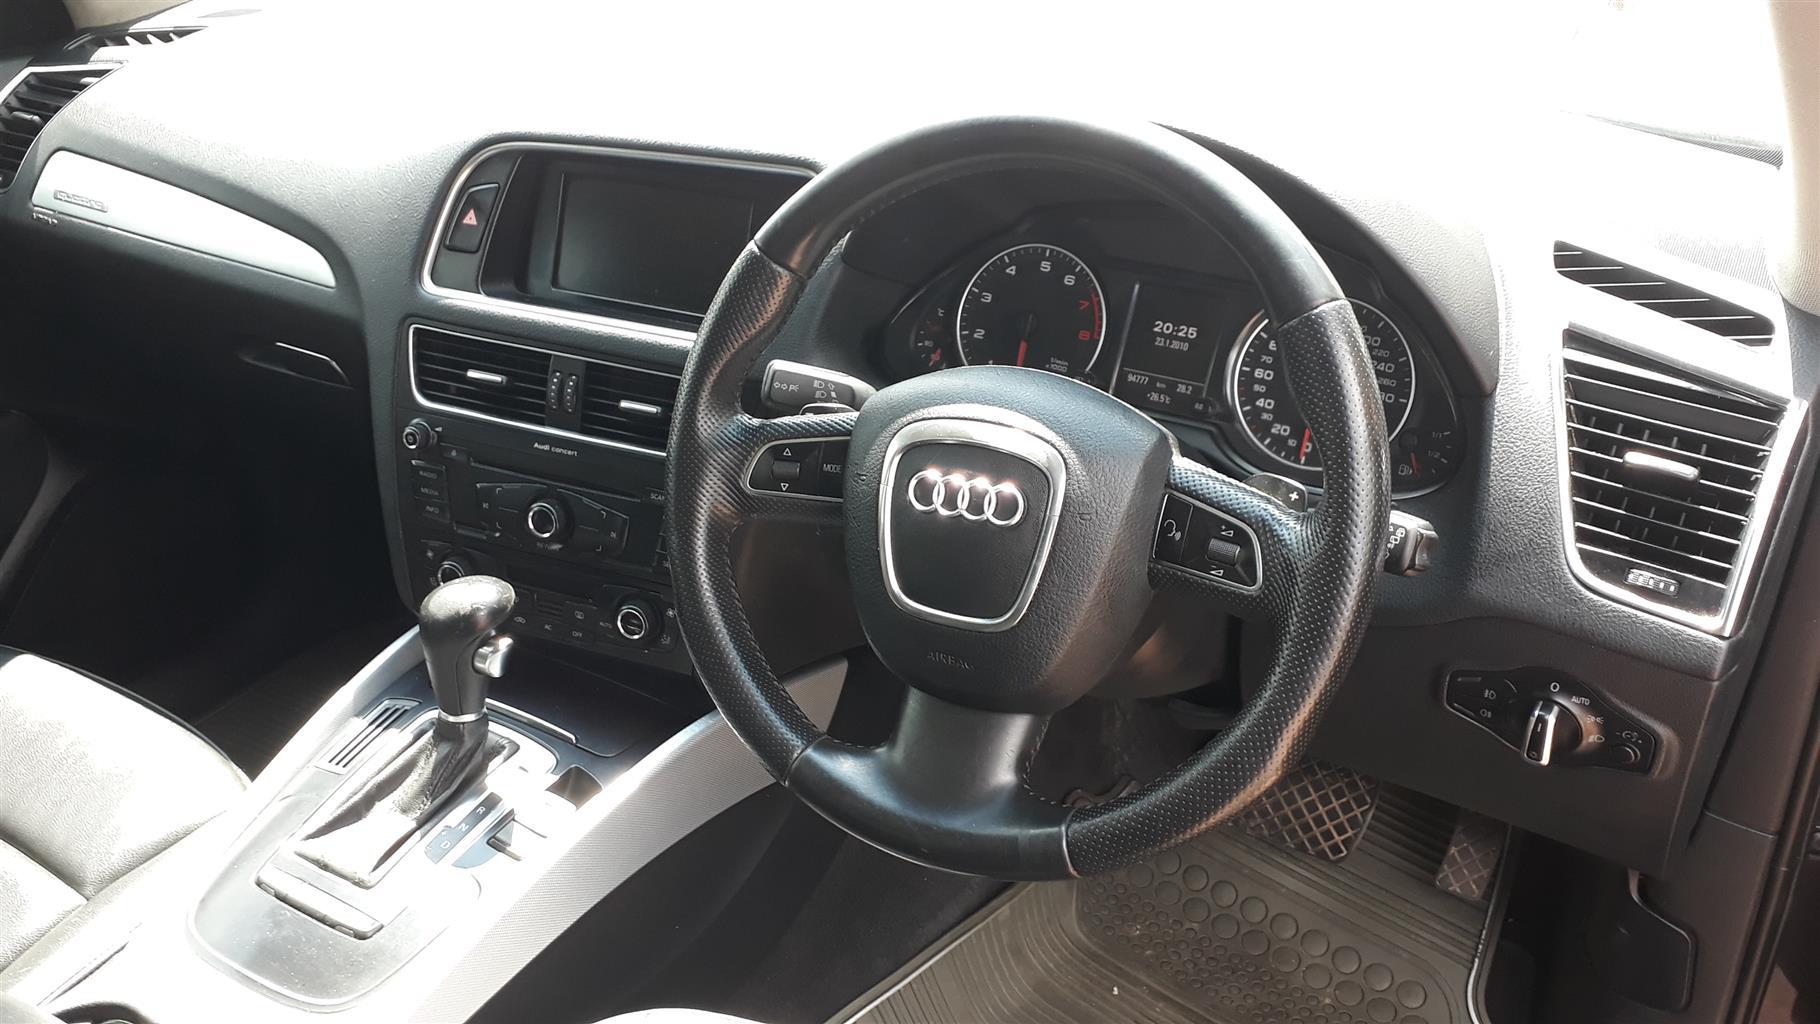 2012 Audi Q3 2.0T quattro auto